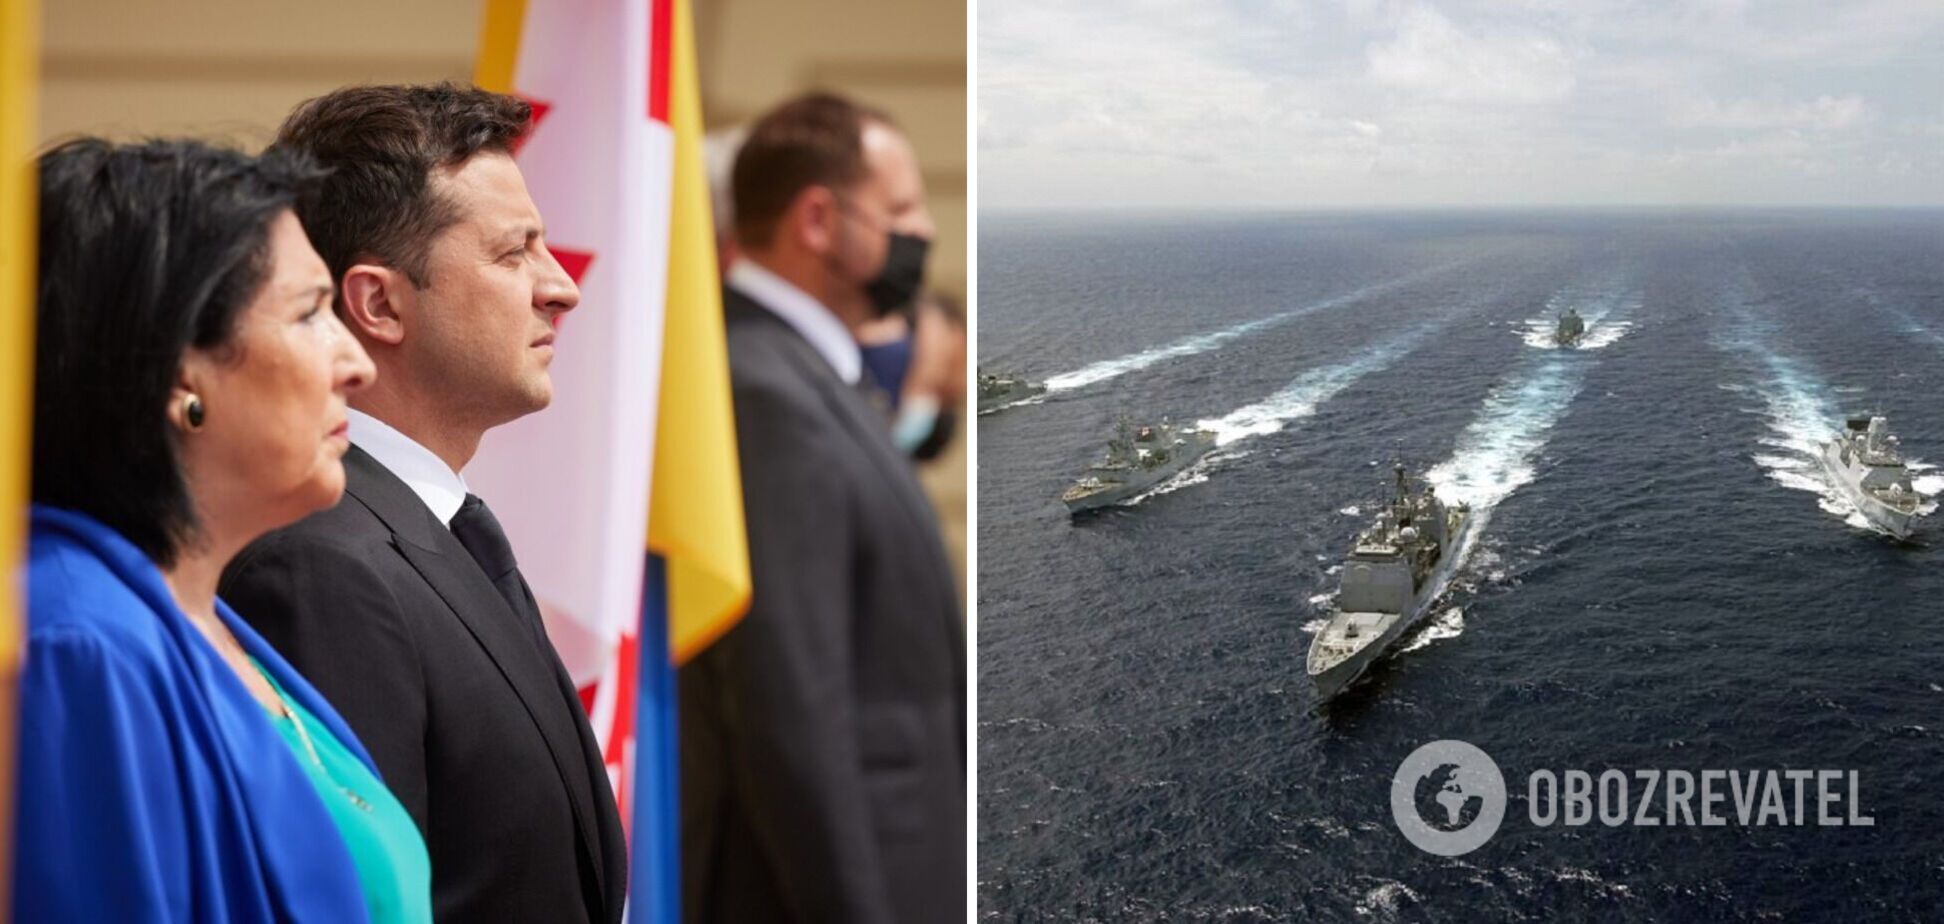 Зеленский об итогах переговоров с президентом Грузии: Черное море должно быть безопасной акваторией